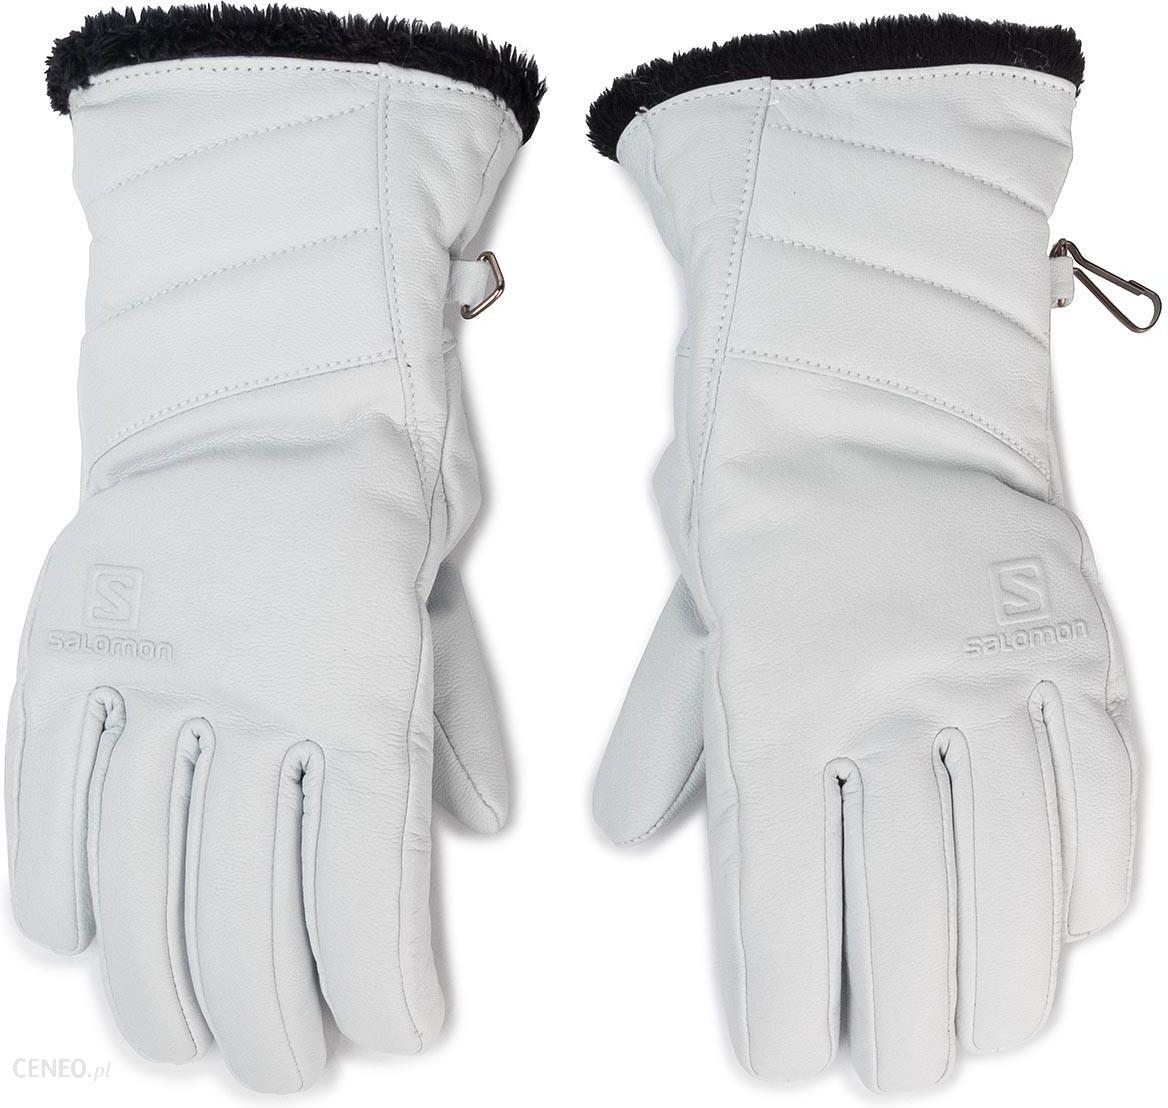 Rękawice narciarskie Salomon NATIVE W black